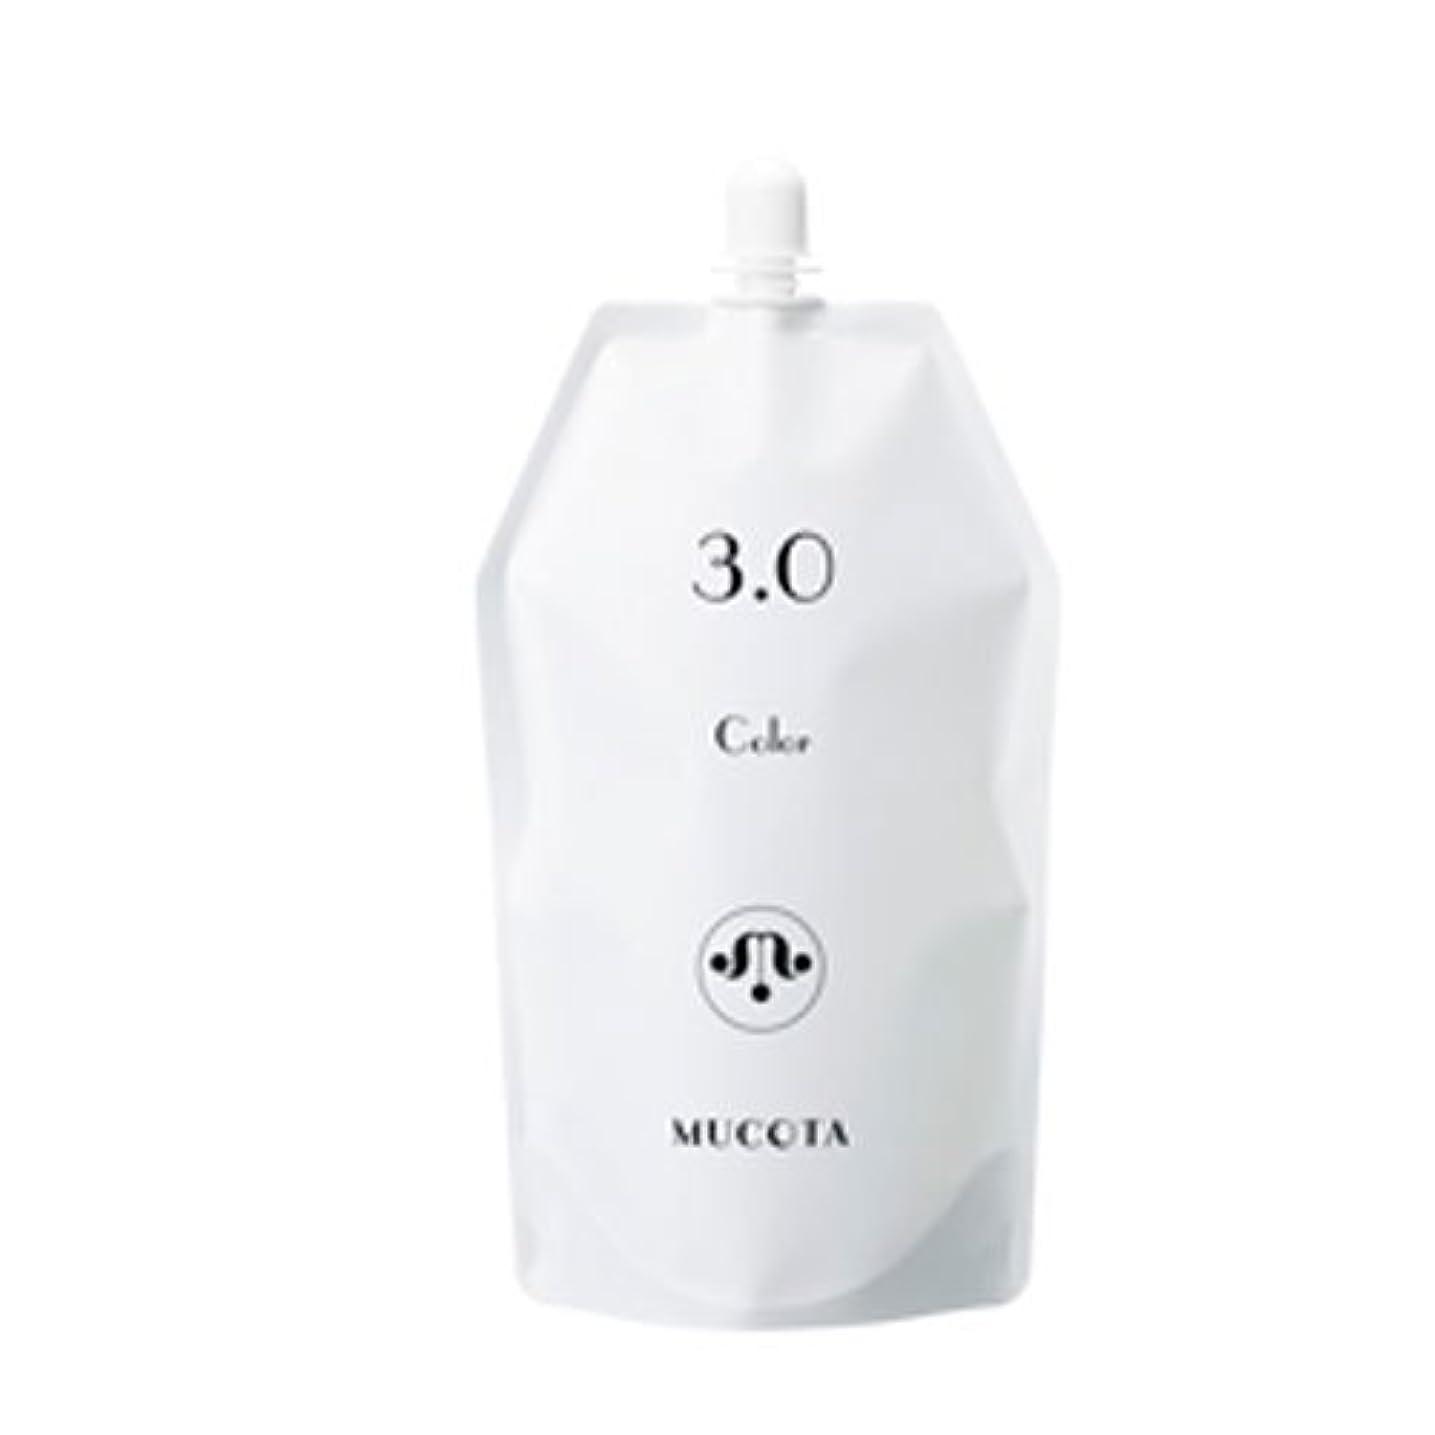 置くためにパック怒る完全に乾くムコタ ヘアカラー OX(3.0%/4.5%/6.0%) 各 1000ml【2剤】【オキシー】【グレイカラー?白髪染め】 (OX 3.0%)